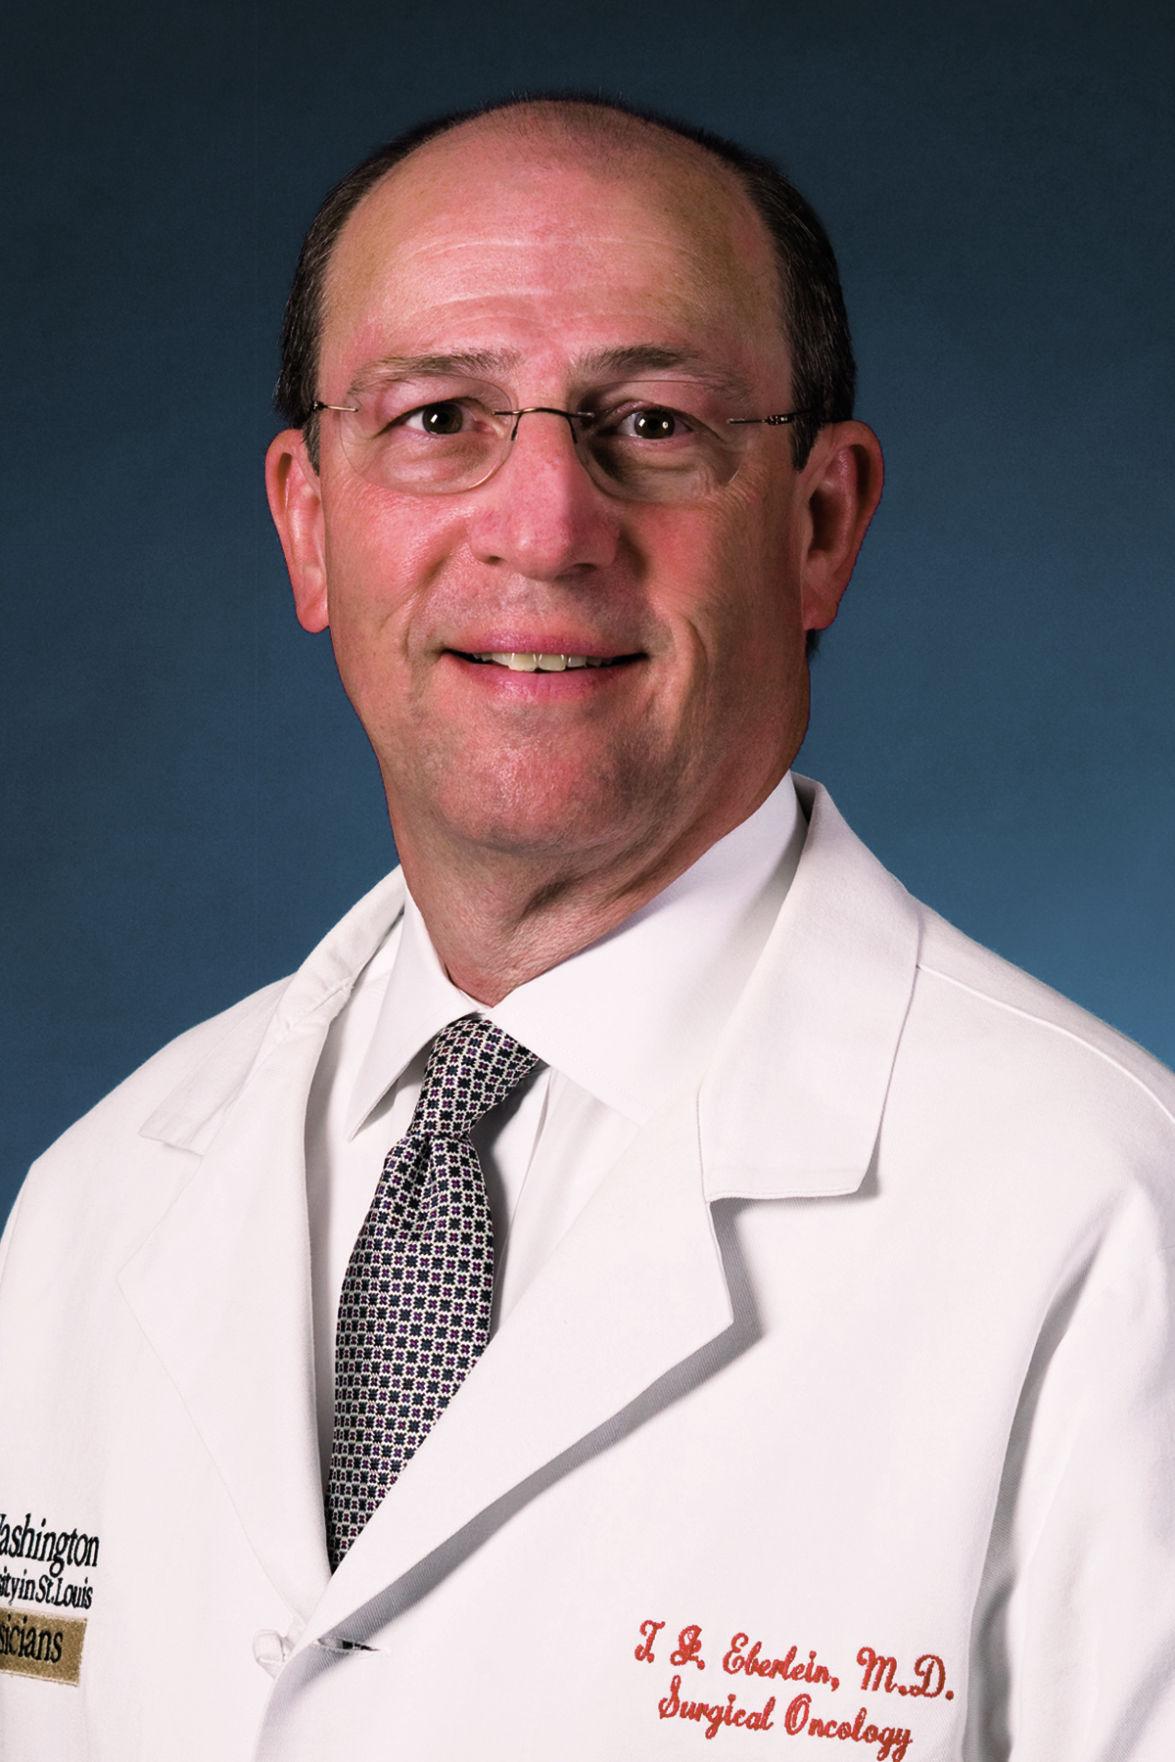 Dr Eberlein